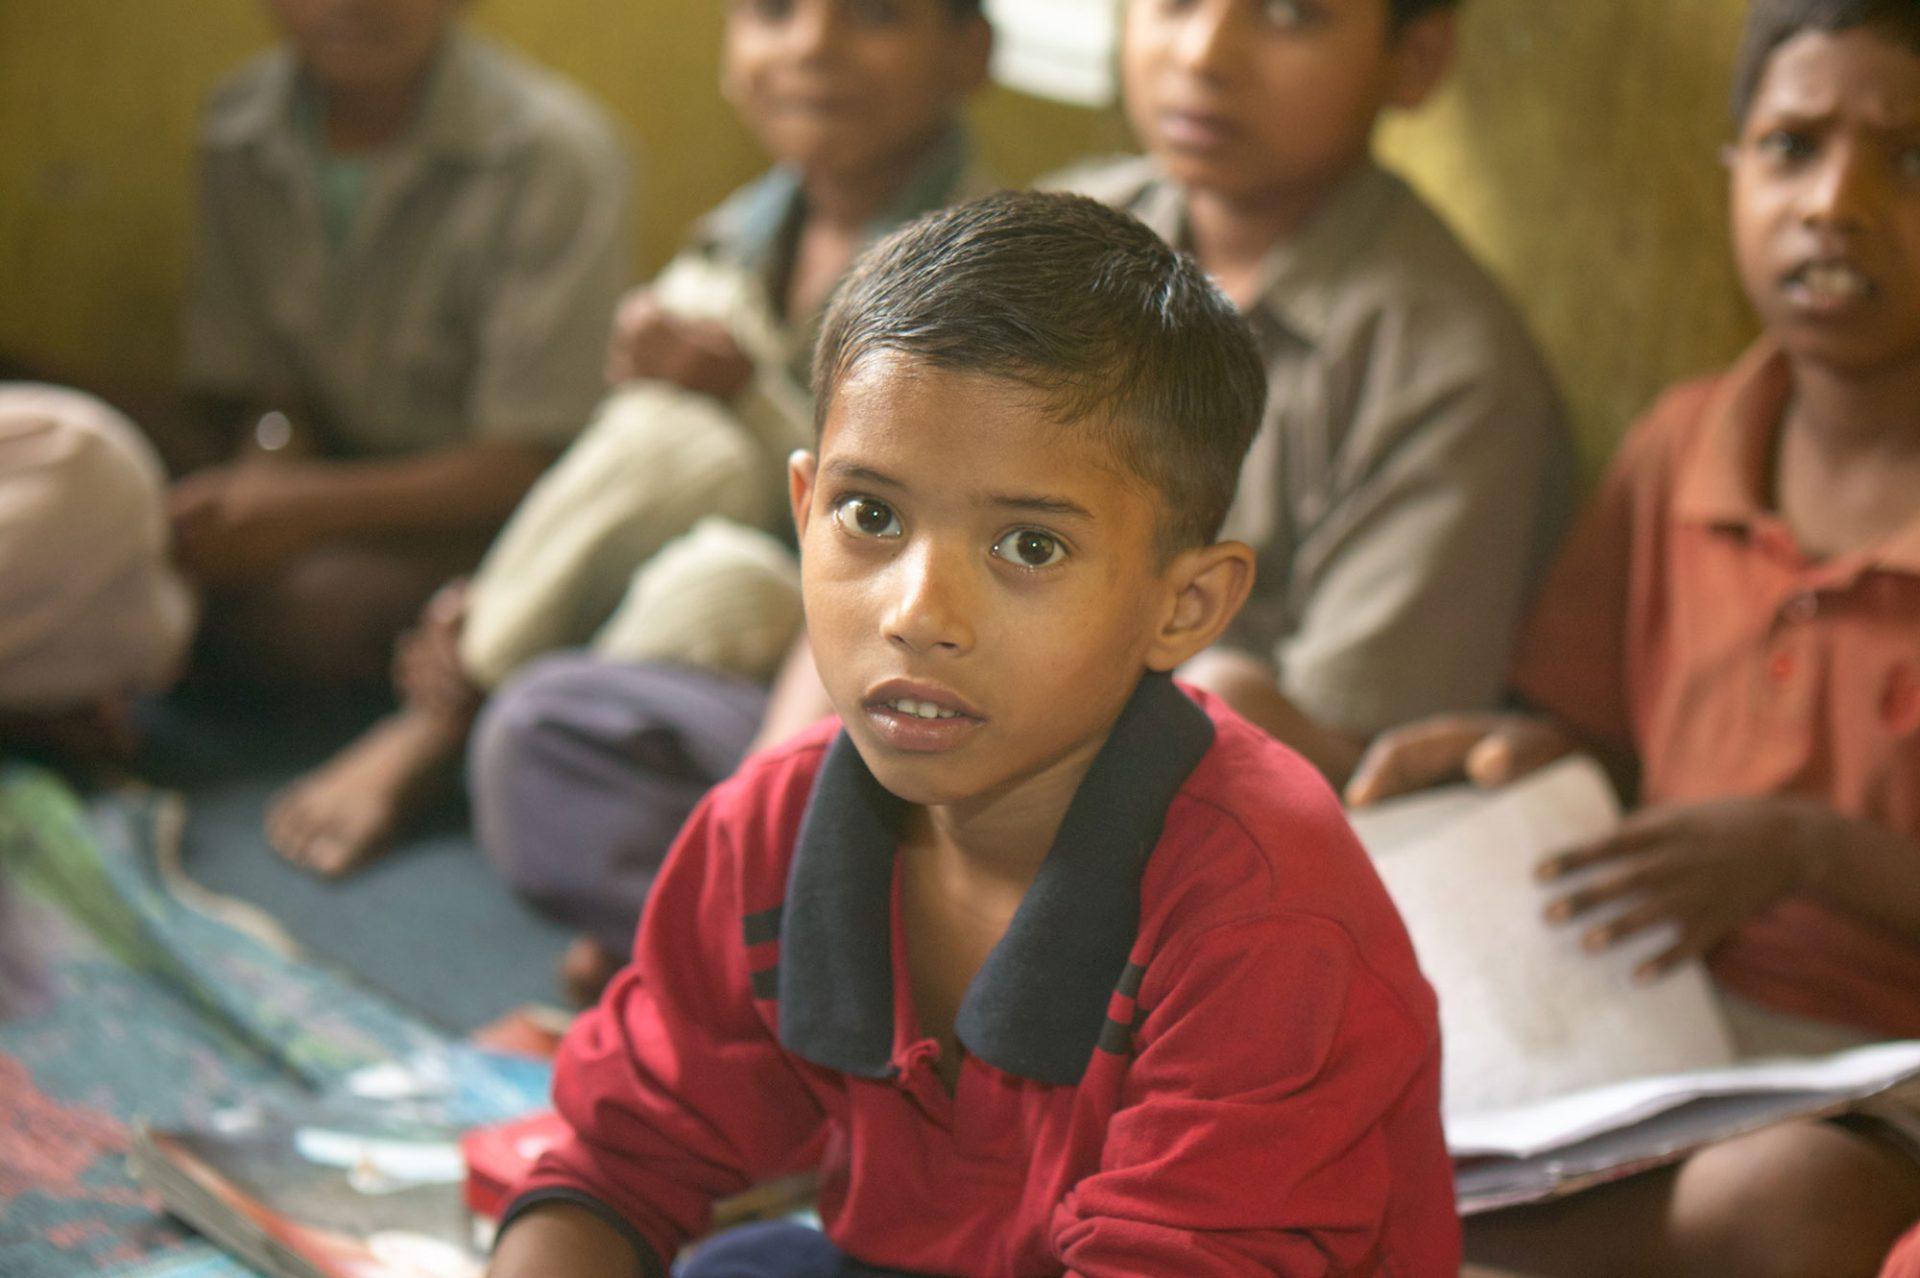 Ein Kind schaut in die Kamera, das Bild entband in einer Schule in Indien.